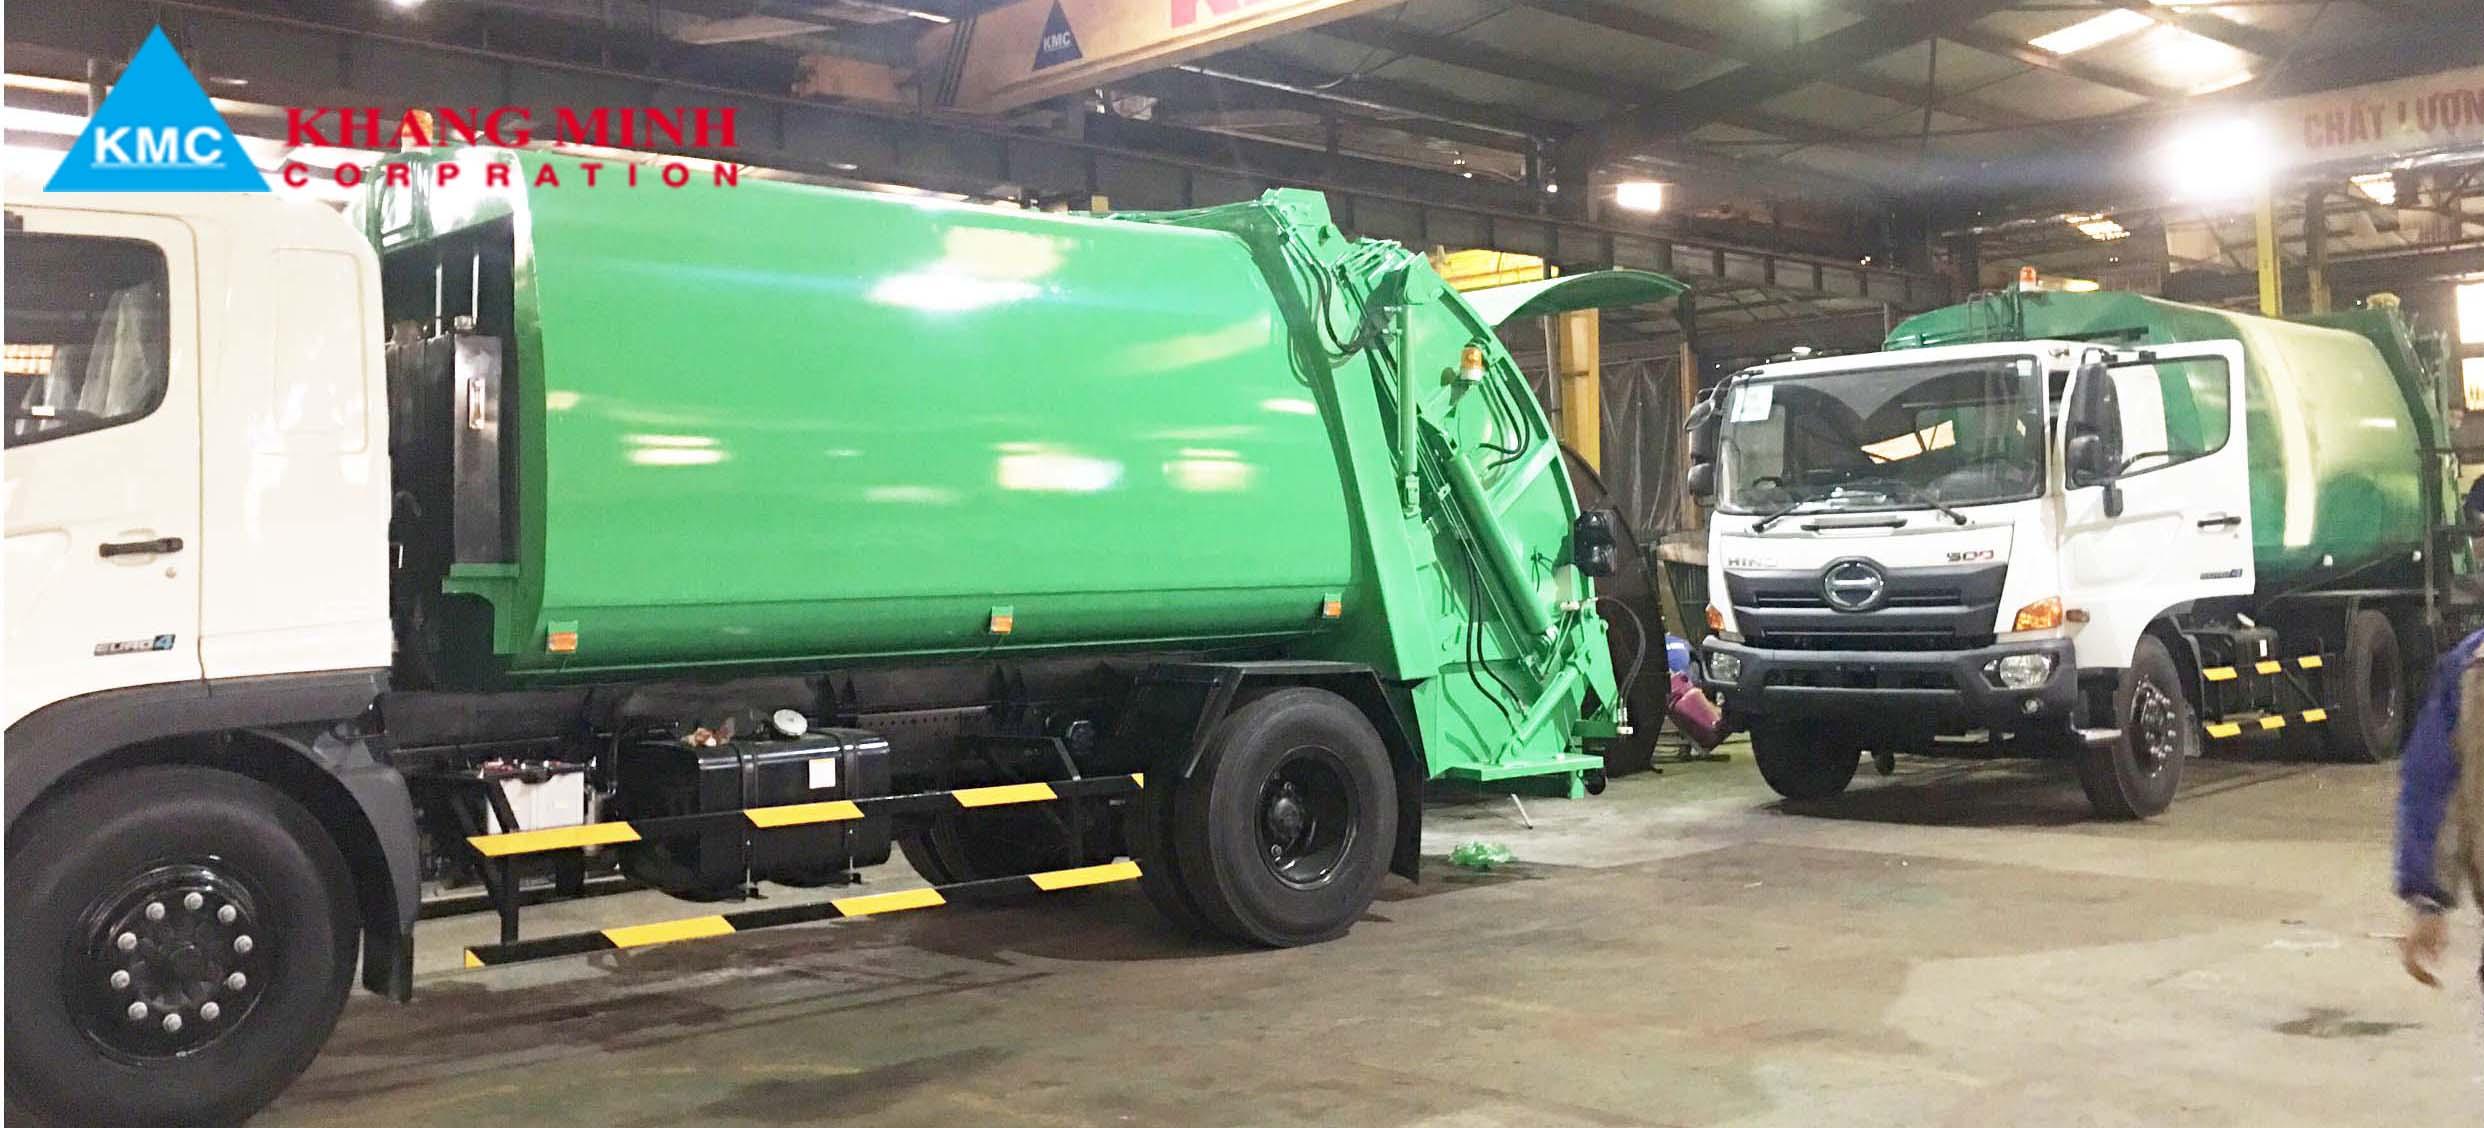 Lô xe ép rác tại xưởng Khang Minh